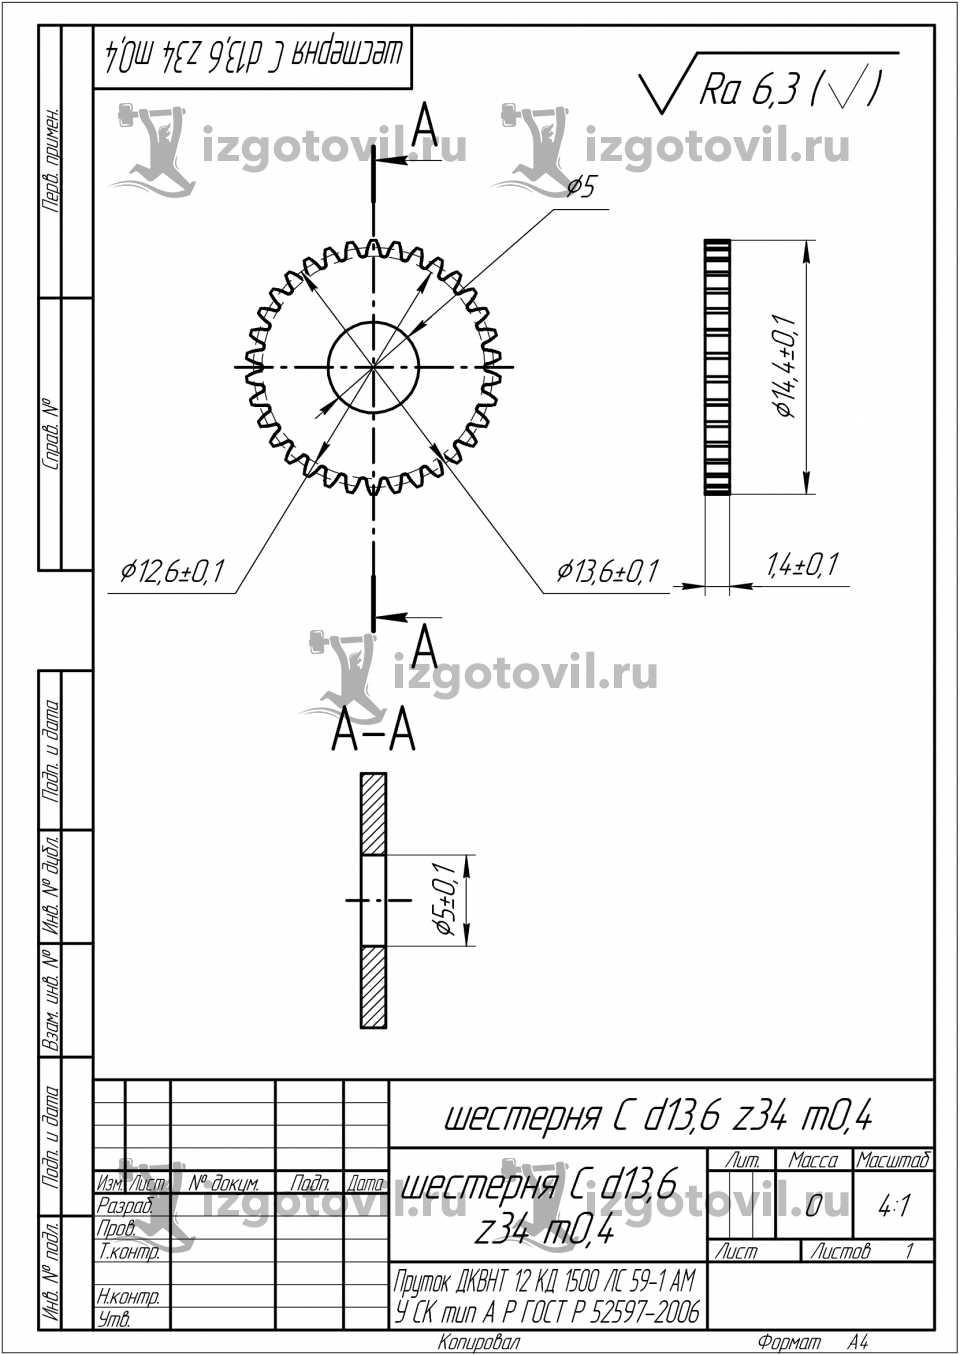 Изготовление шестерен - изготовить шестерни